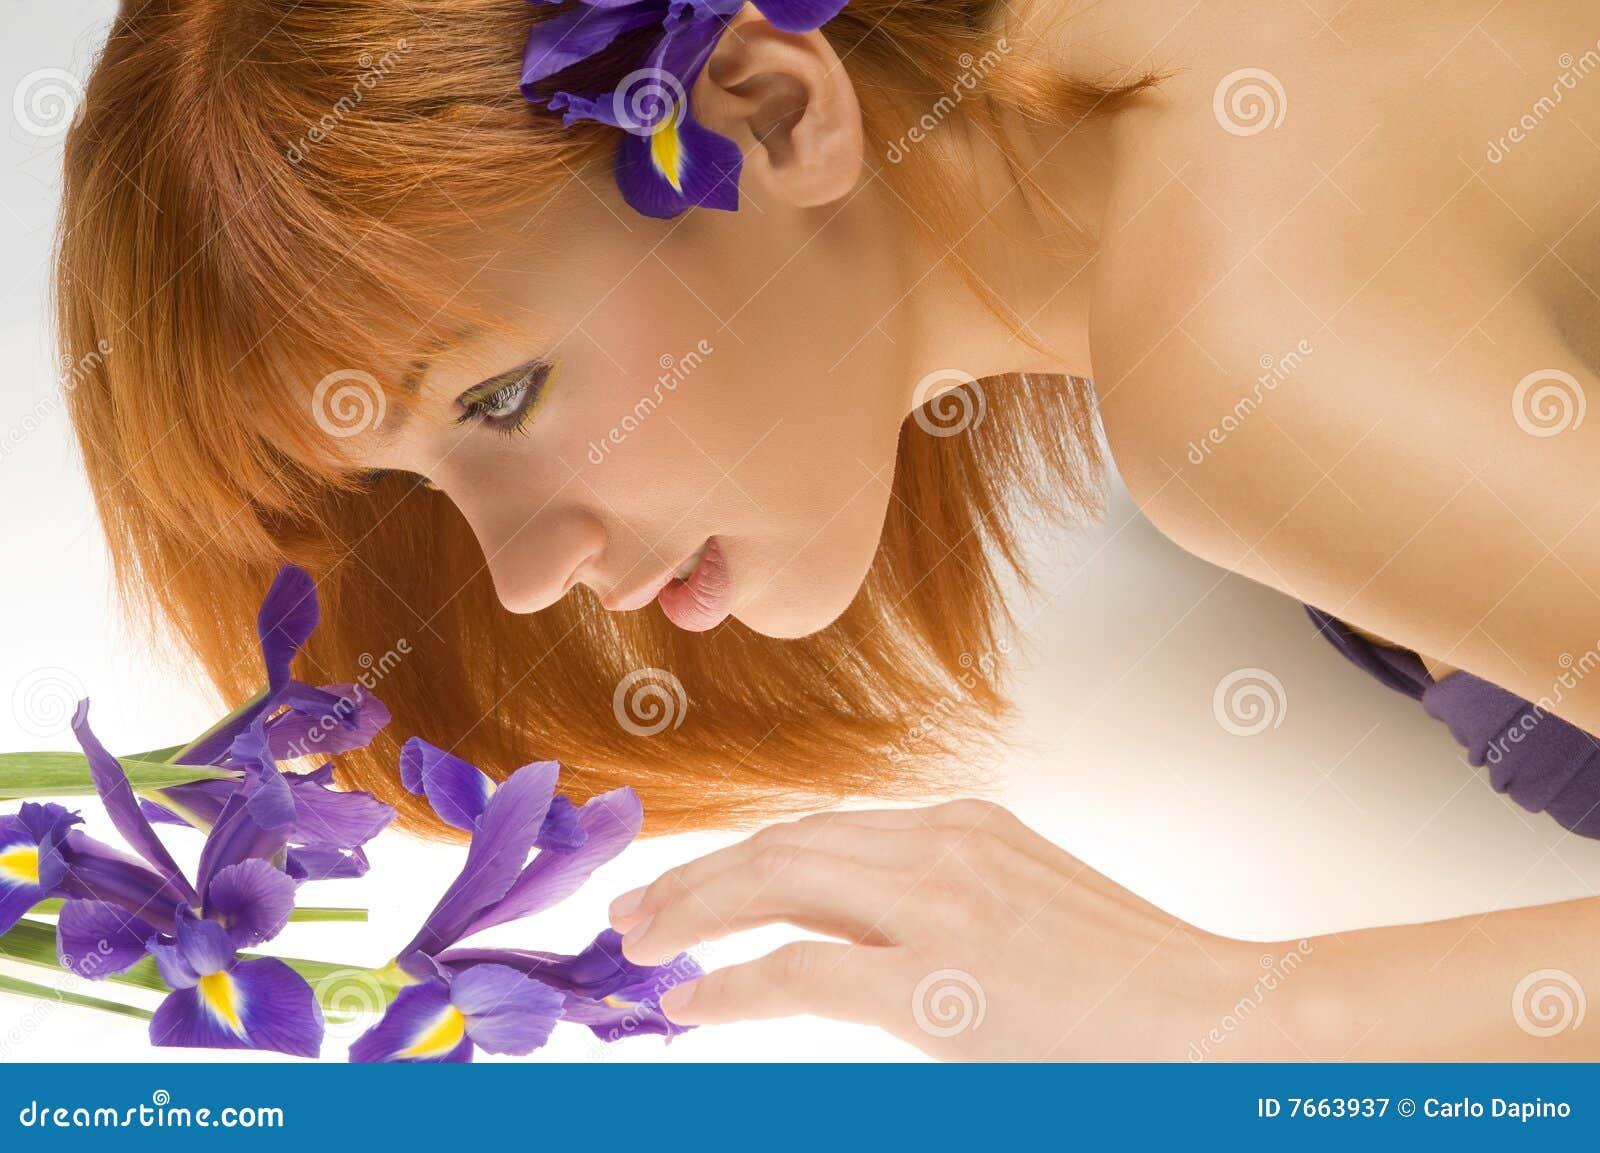 Looking flower